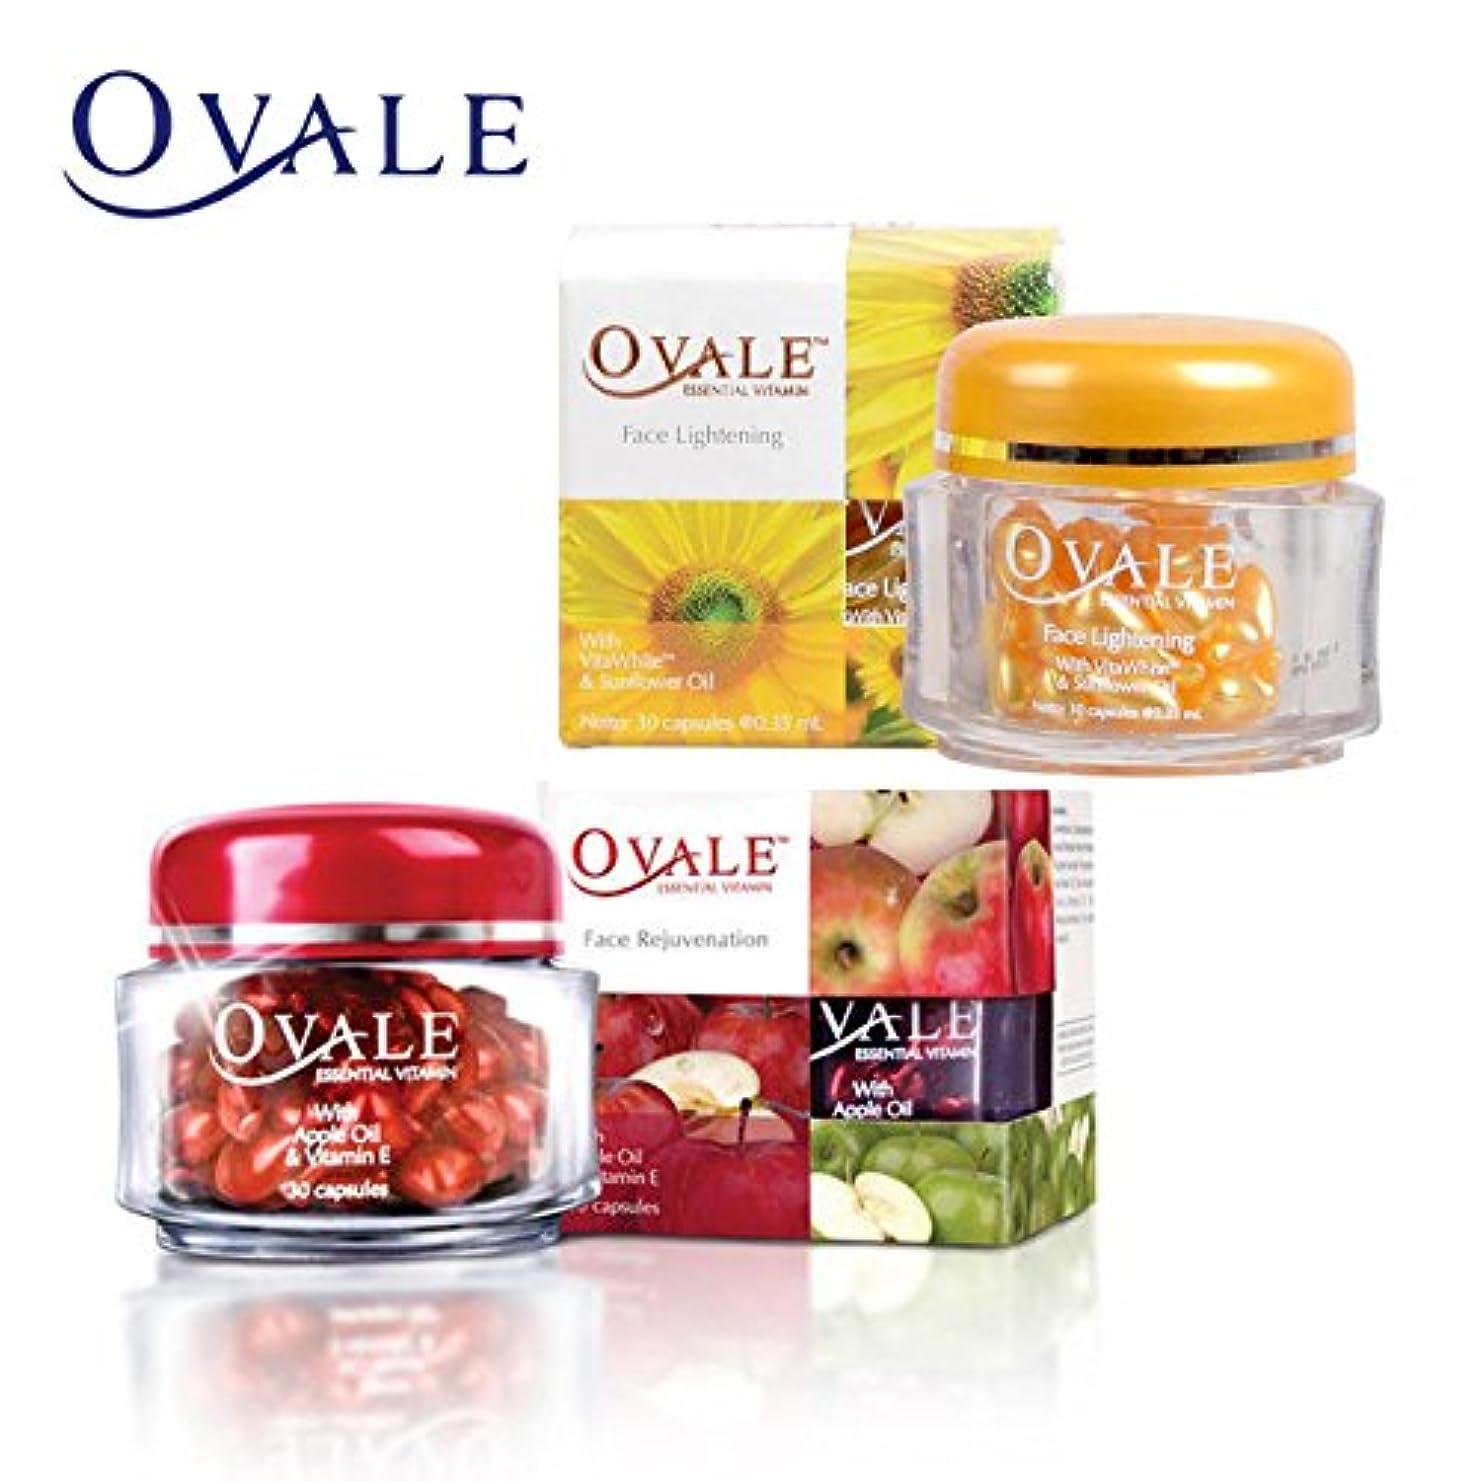 委任命令薄いですOvale オーバル フェイシャル美容液 essential vitamin エッセンシャルビタミン 30粒入ボトル×5個 サンフラワー [海外直送品]